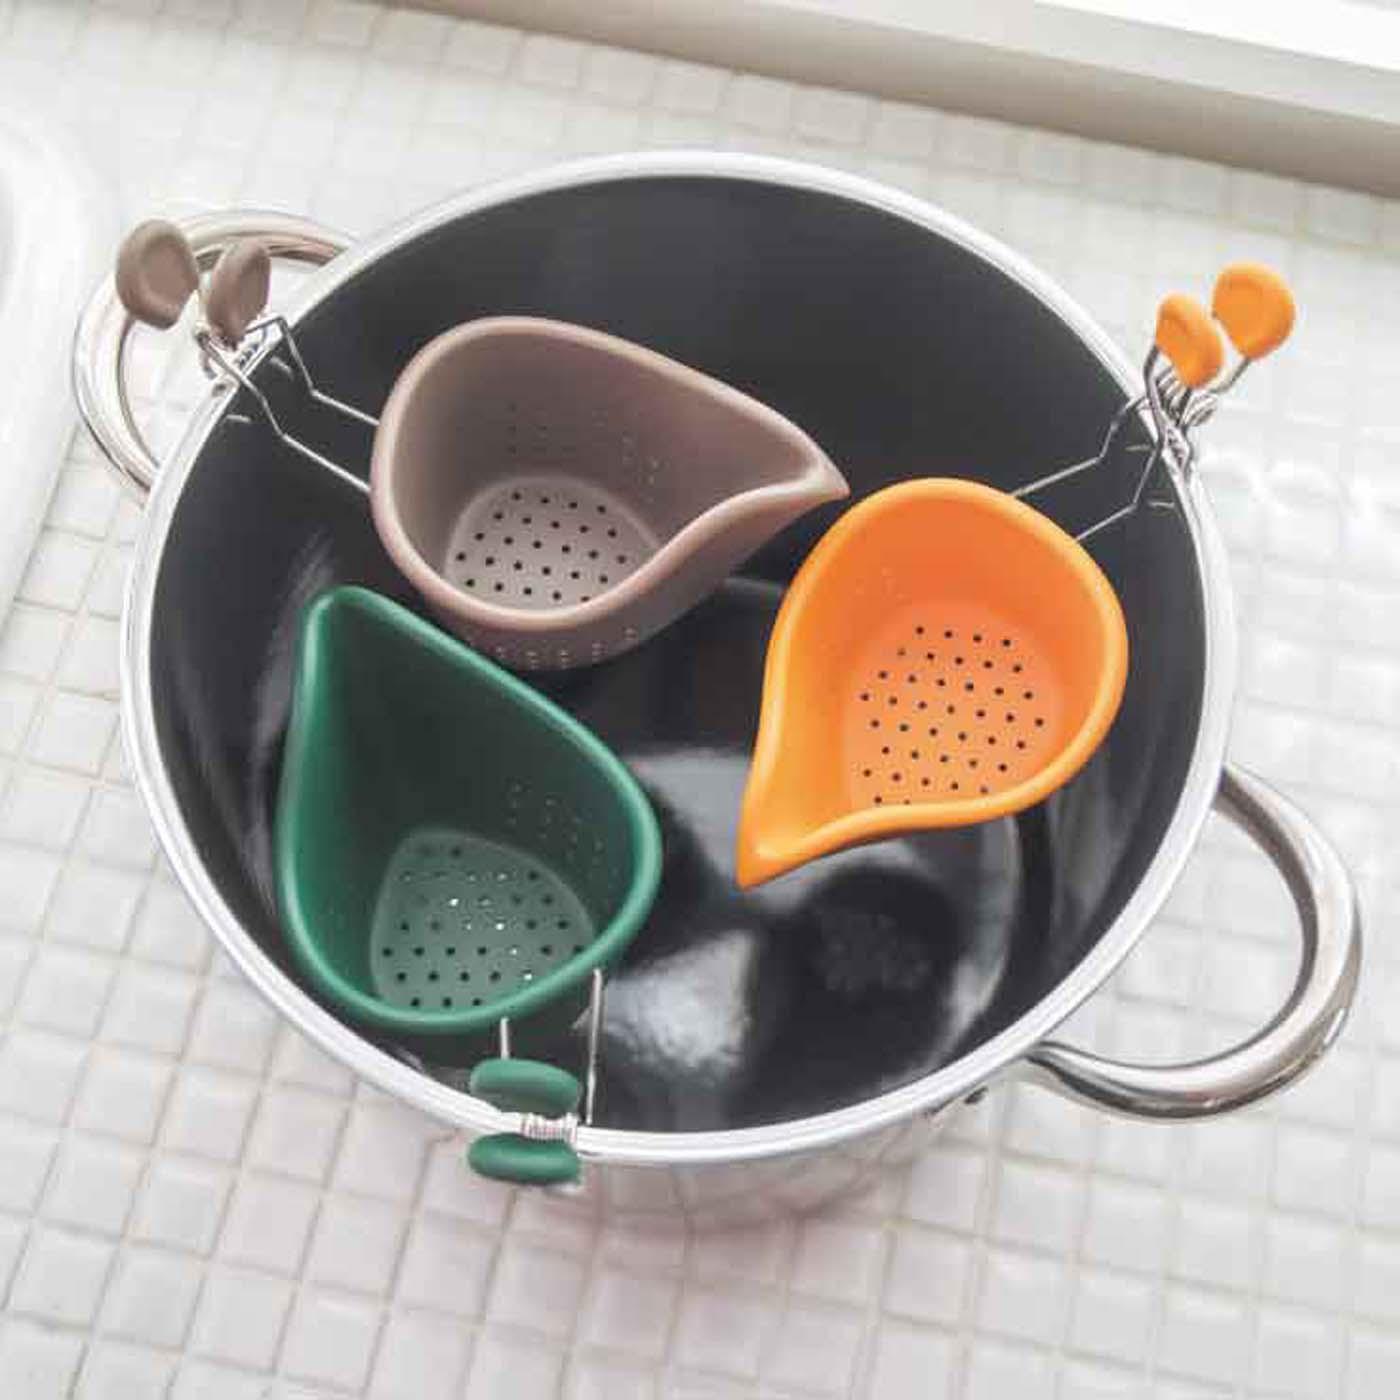 ご家庭で出番の多い直径24cmのなべで、3個同時に使えます。